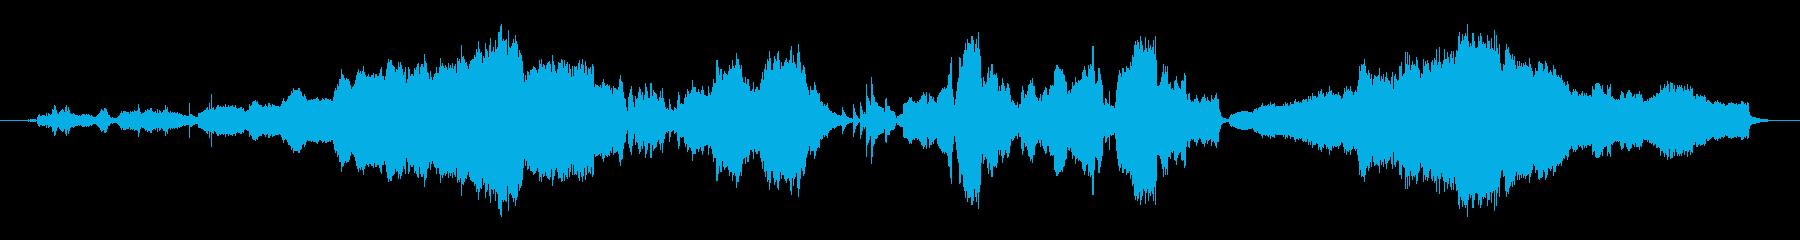 和と洋の音の融合世界の再生済みの波形